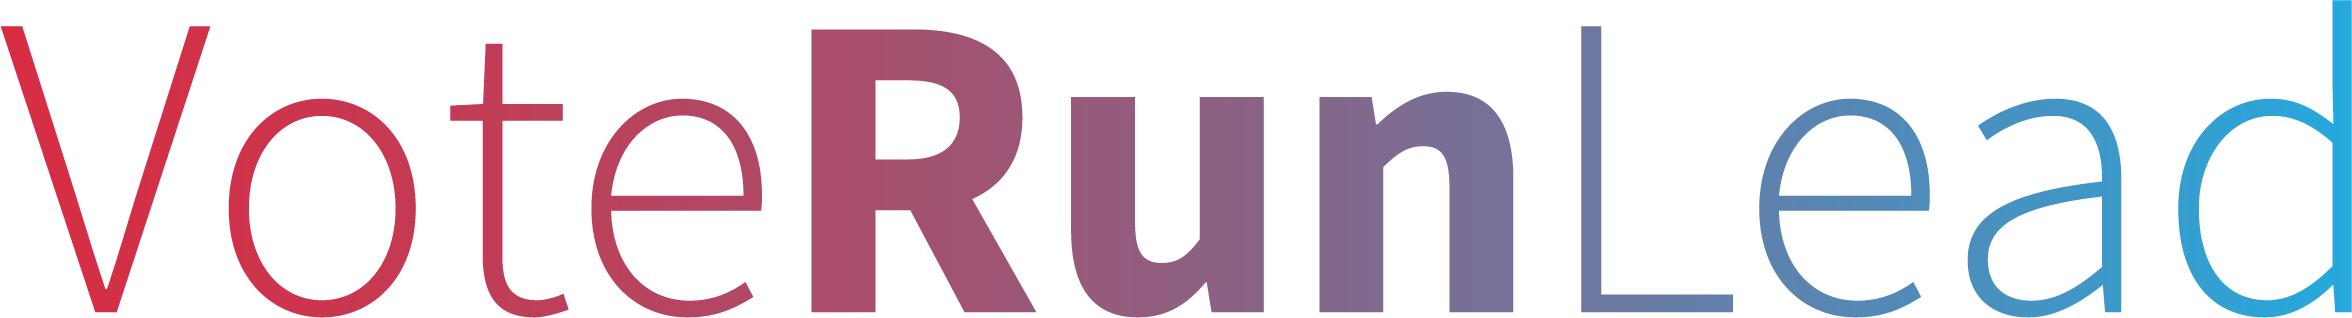 VoteRunLead Logo.png